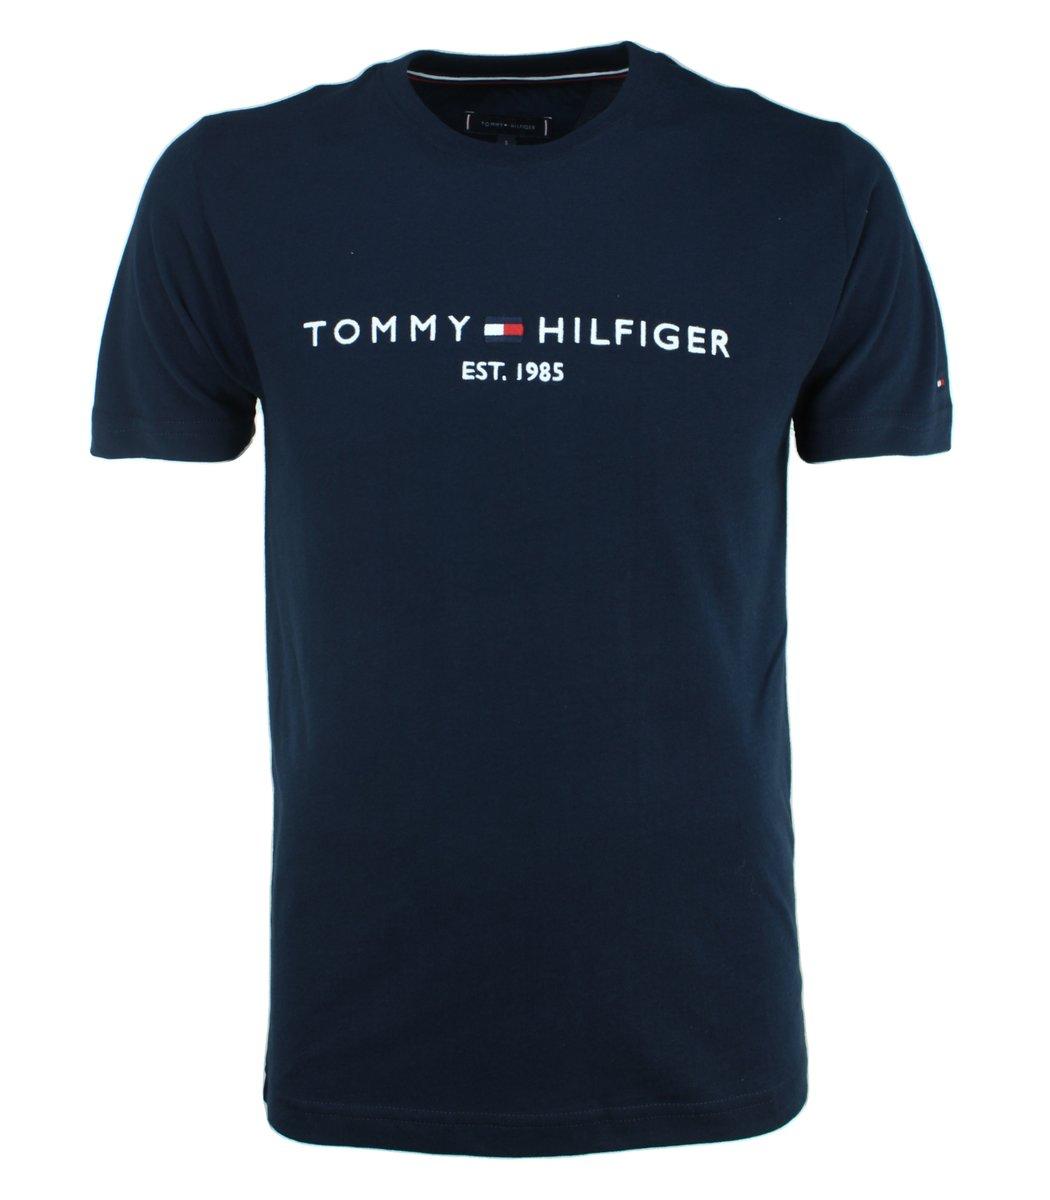 Тёмно-синяя футболка Tommy Hilfiger с вышивкой FT3